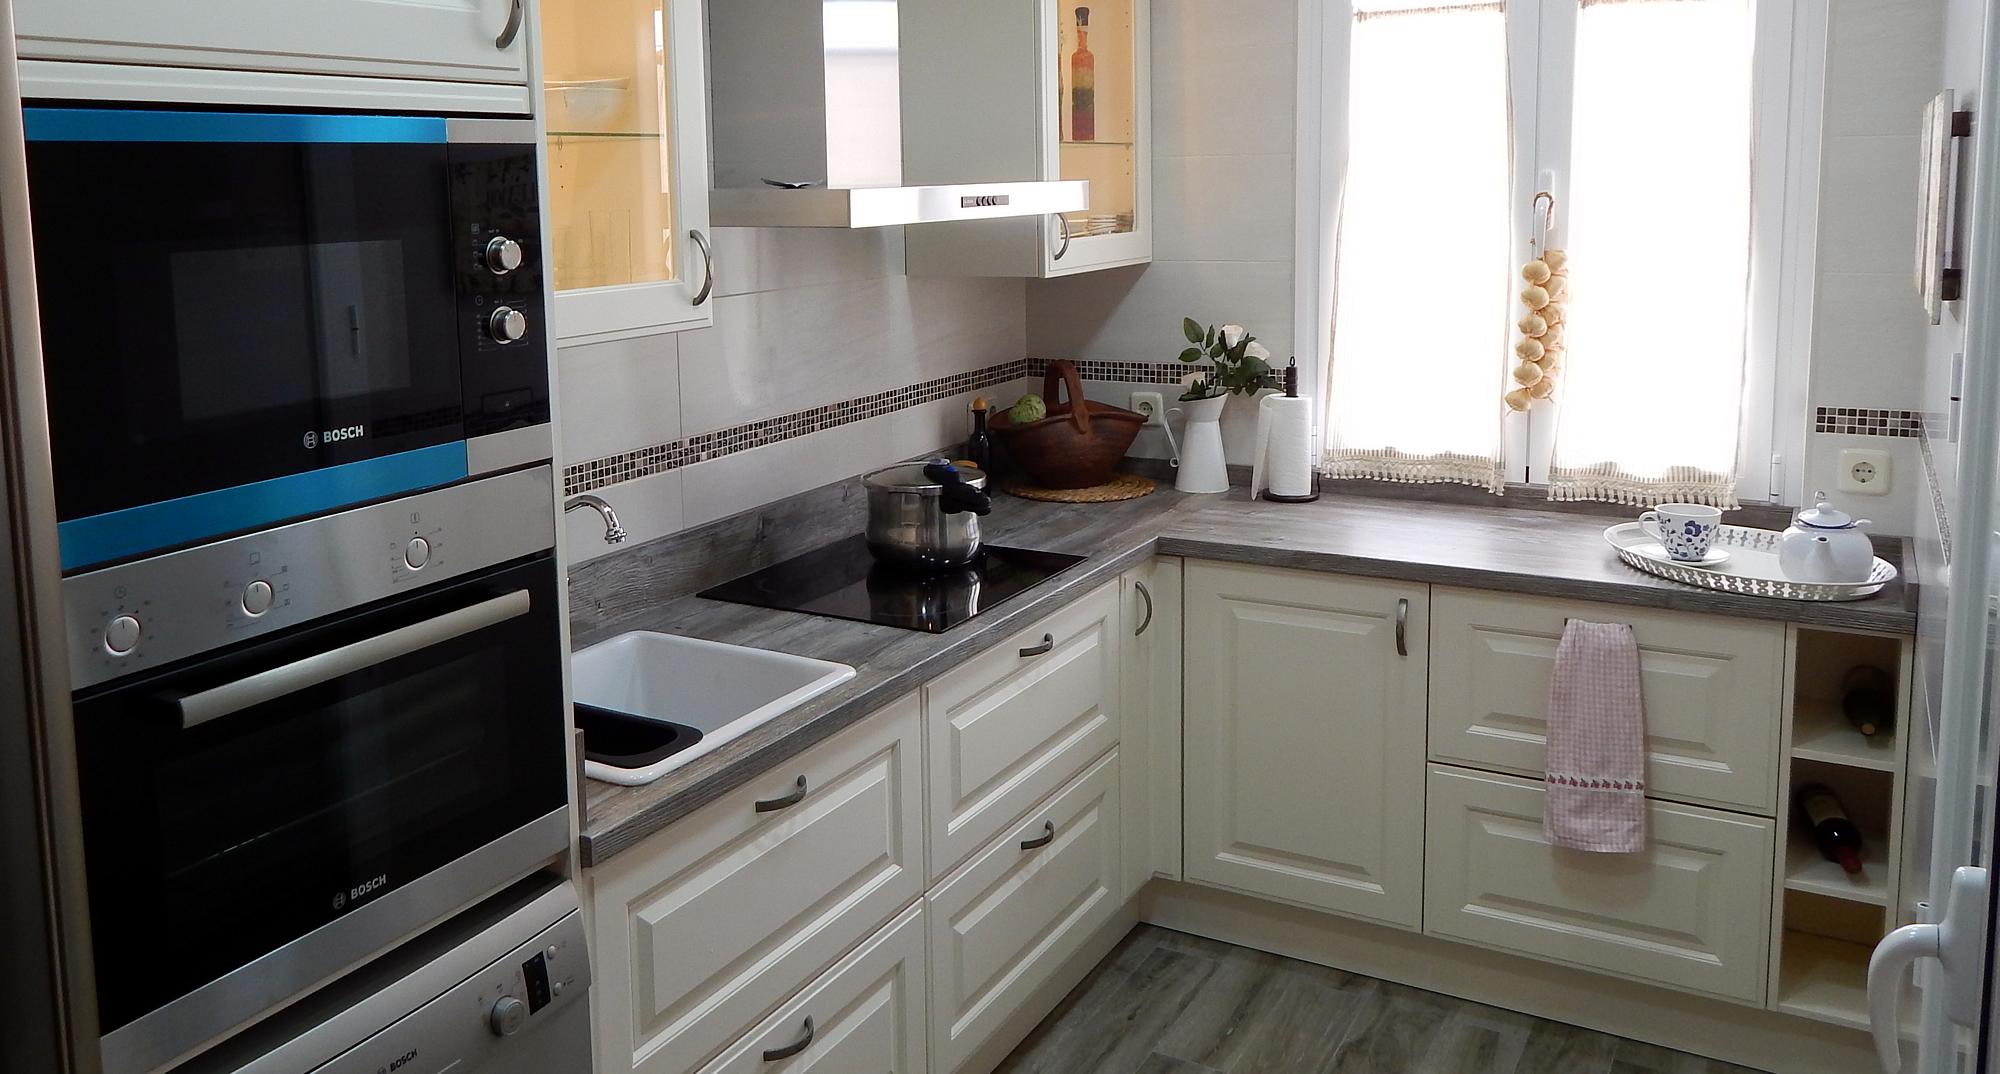 Muebles de cocina dise o cl sico for Muebles de cocina para montar